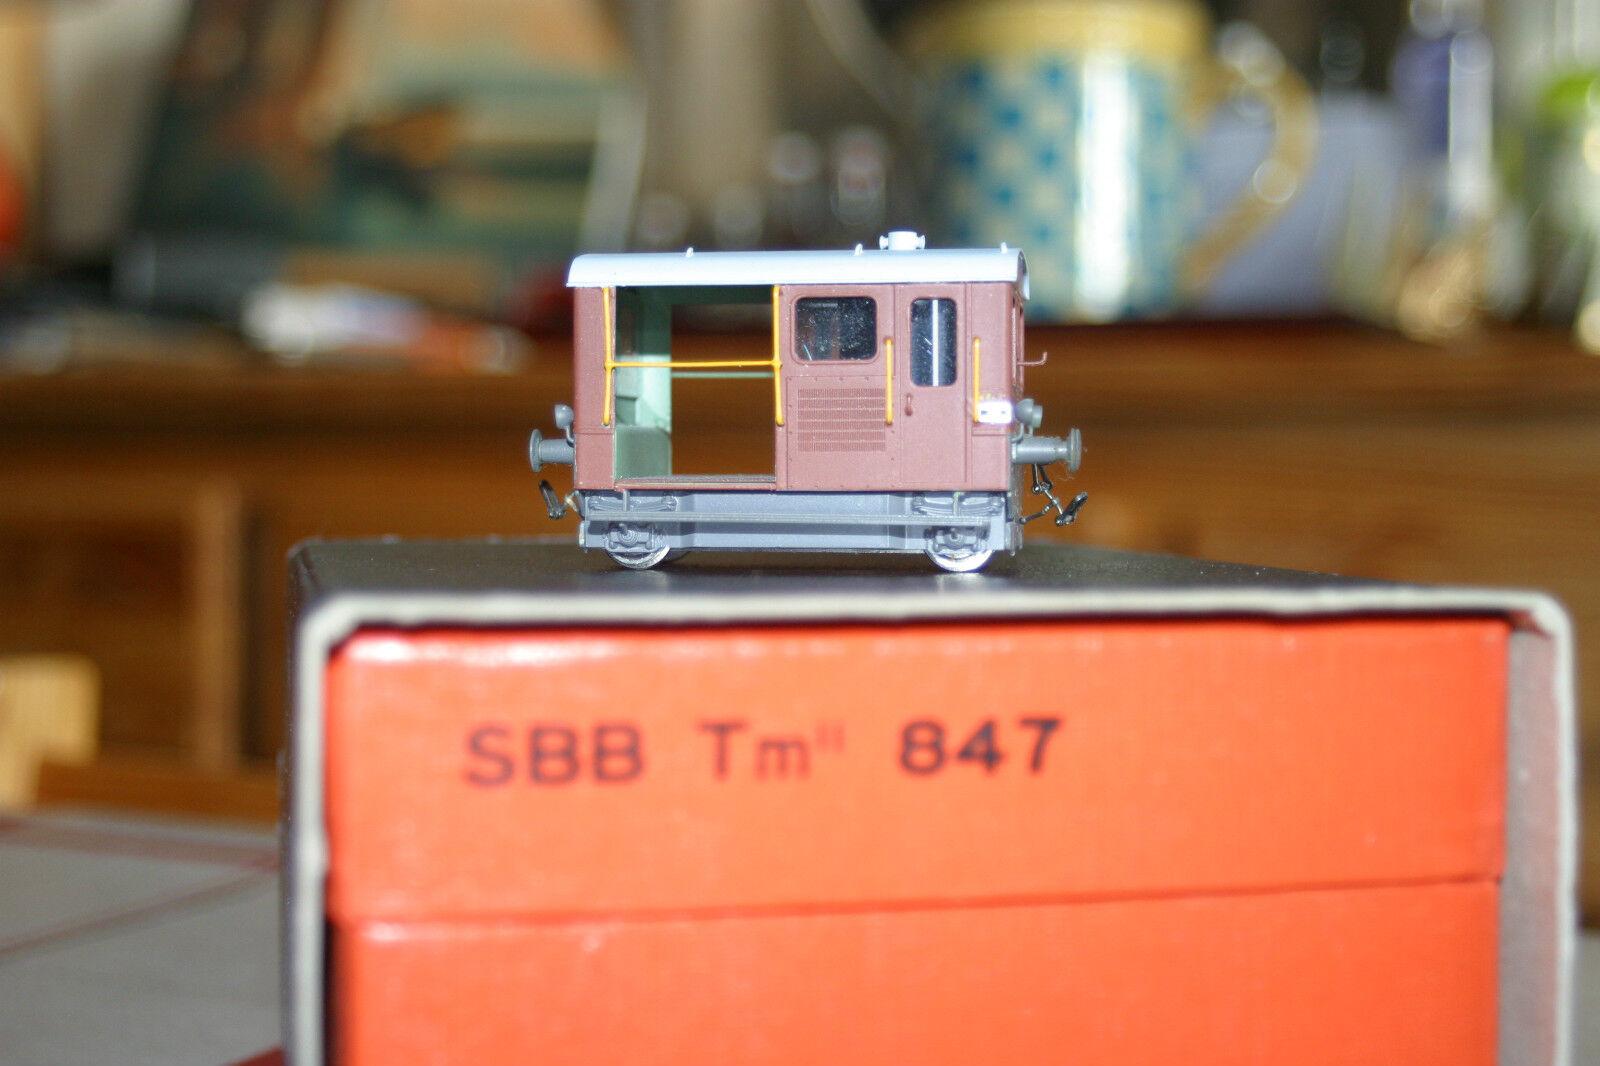 HRF  DRAISIN d'entretien des voies Tm 847 des SBB  CFF en laiton.Ho 1  87.